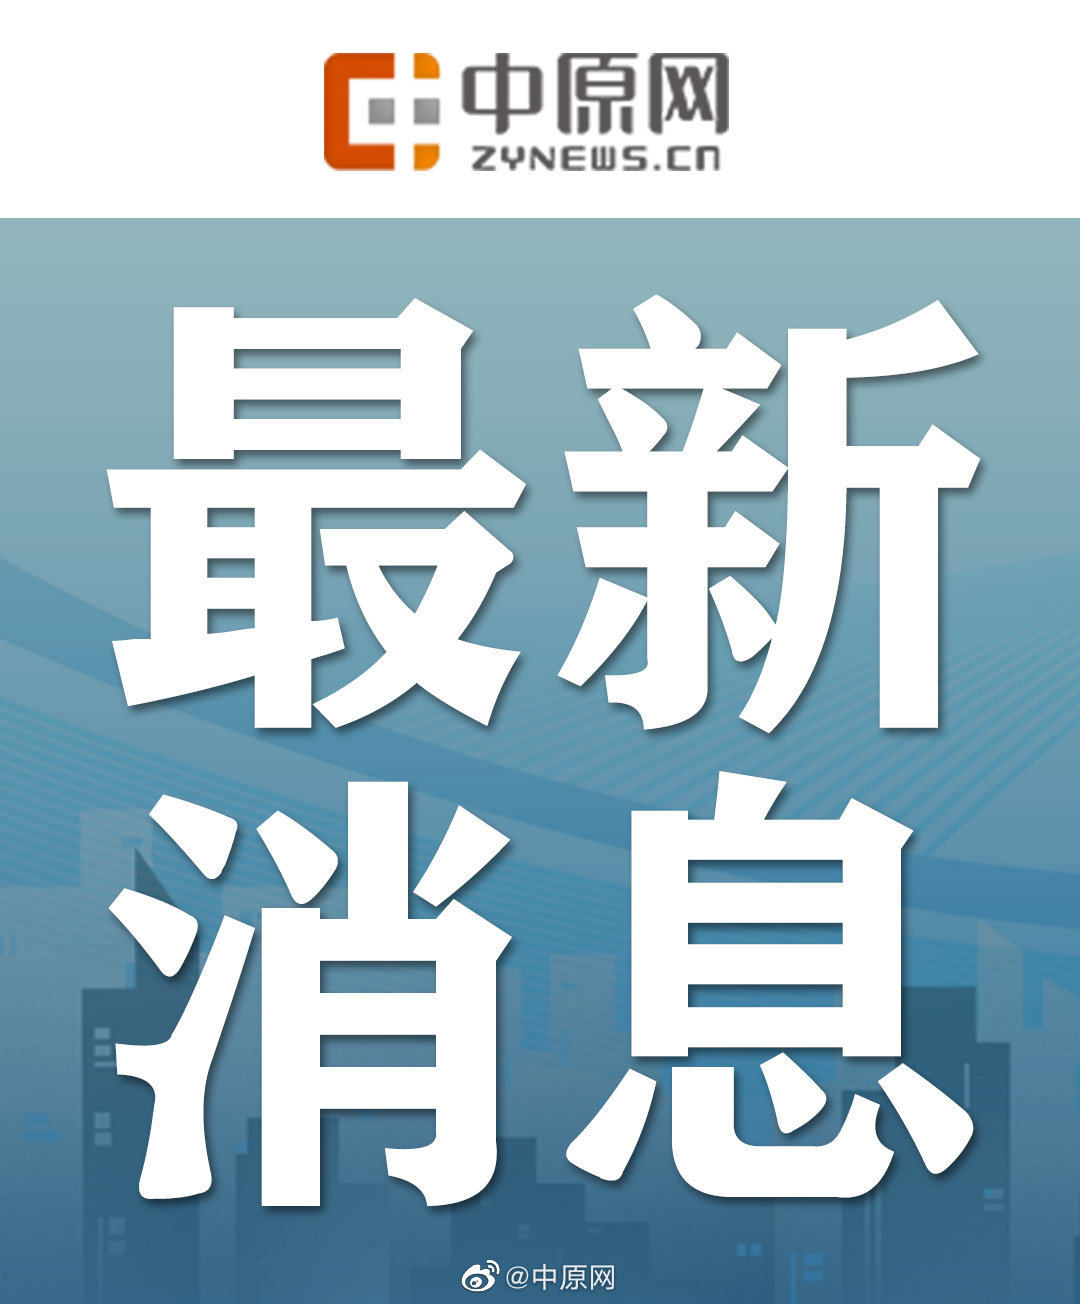 郑州市气象台2021年7月2日17:20发布临近预报